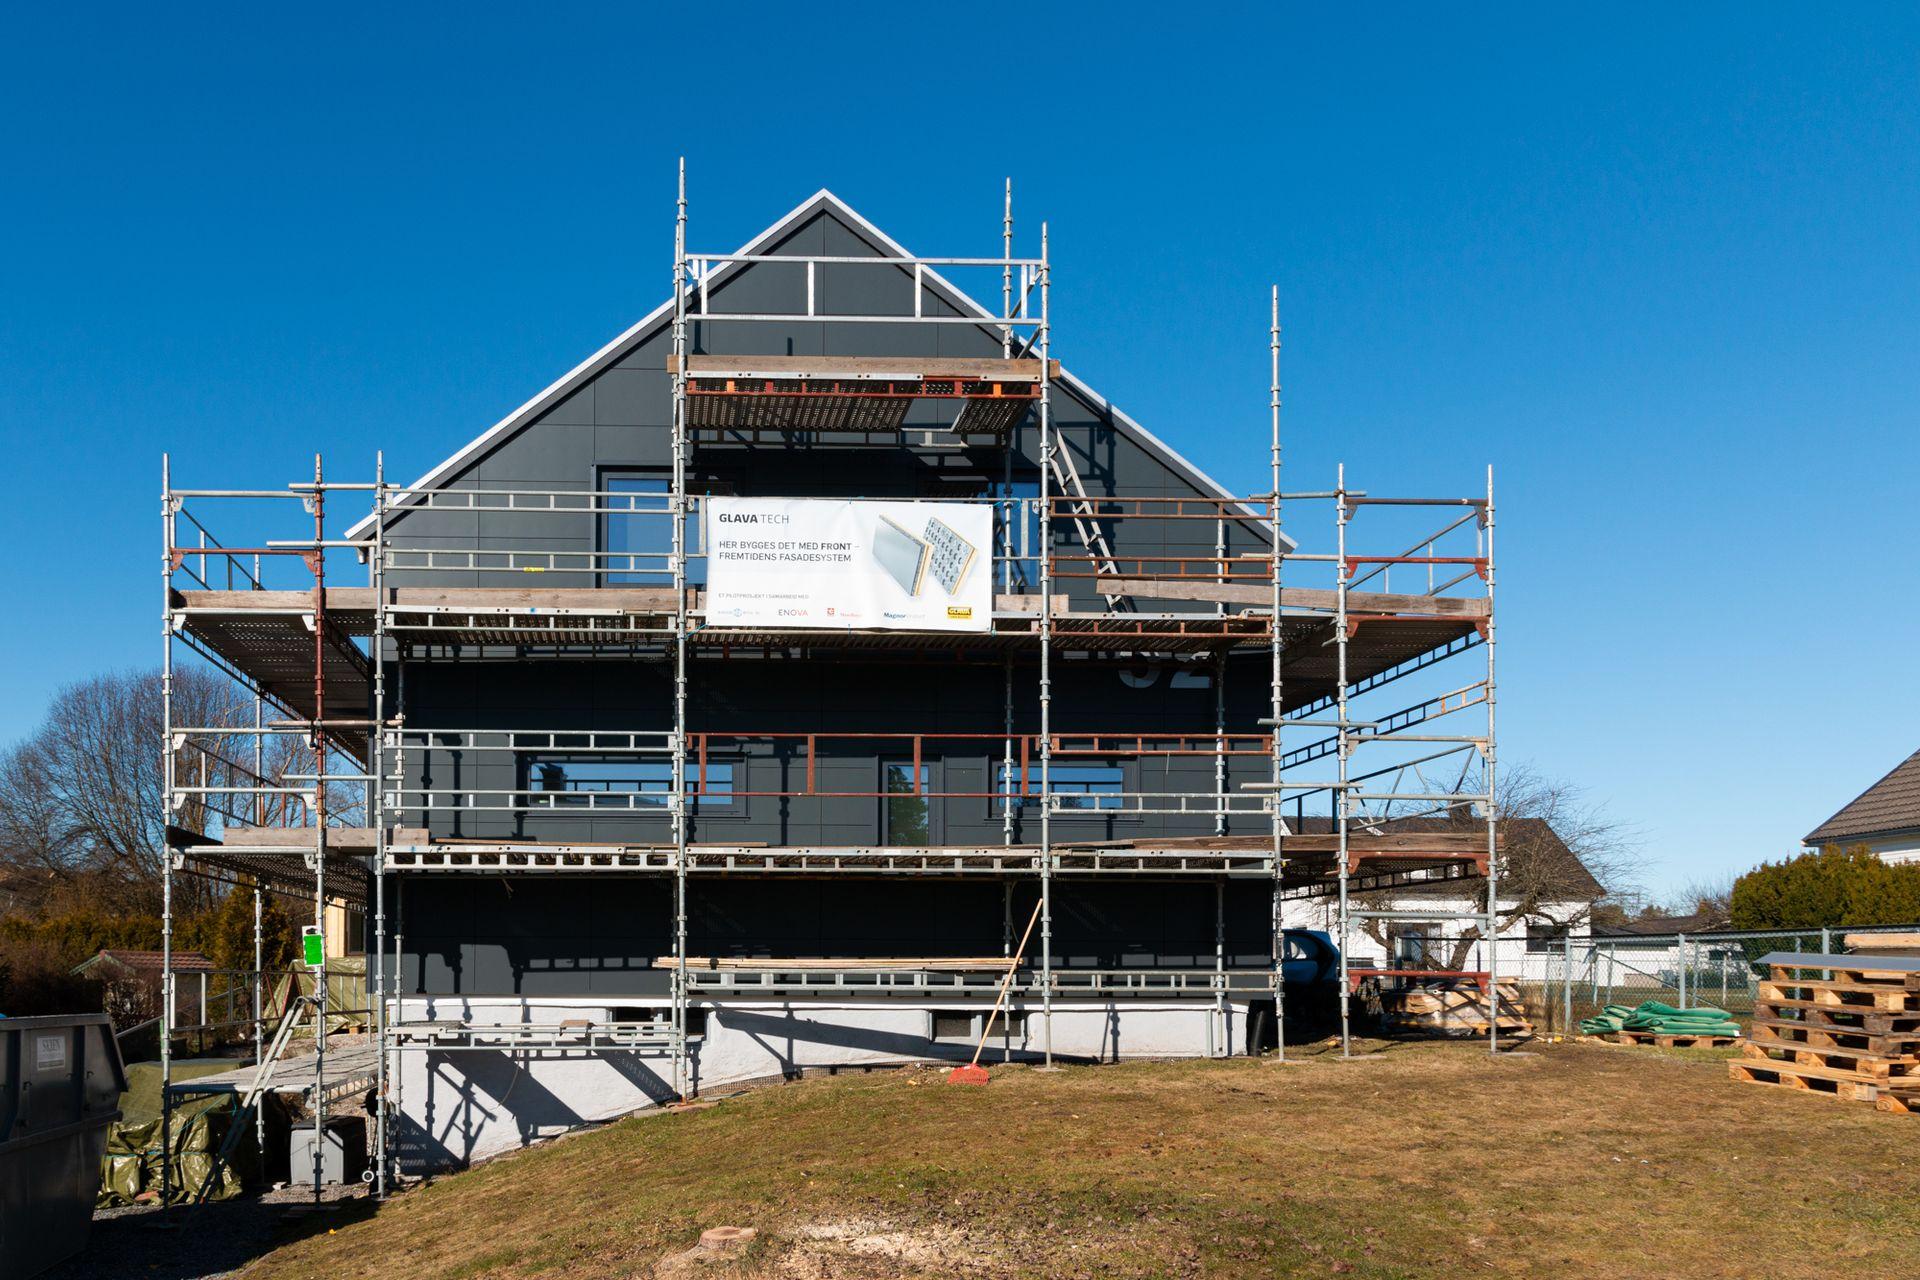 ANNONSE: Dette huset ble til en moderne, energieffektiv bolig på noen få måneder